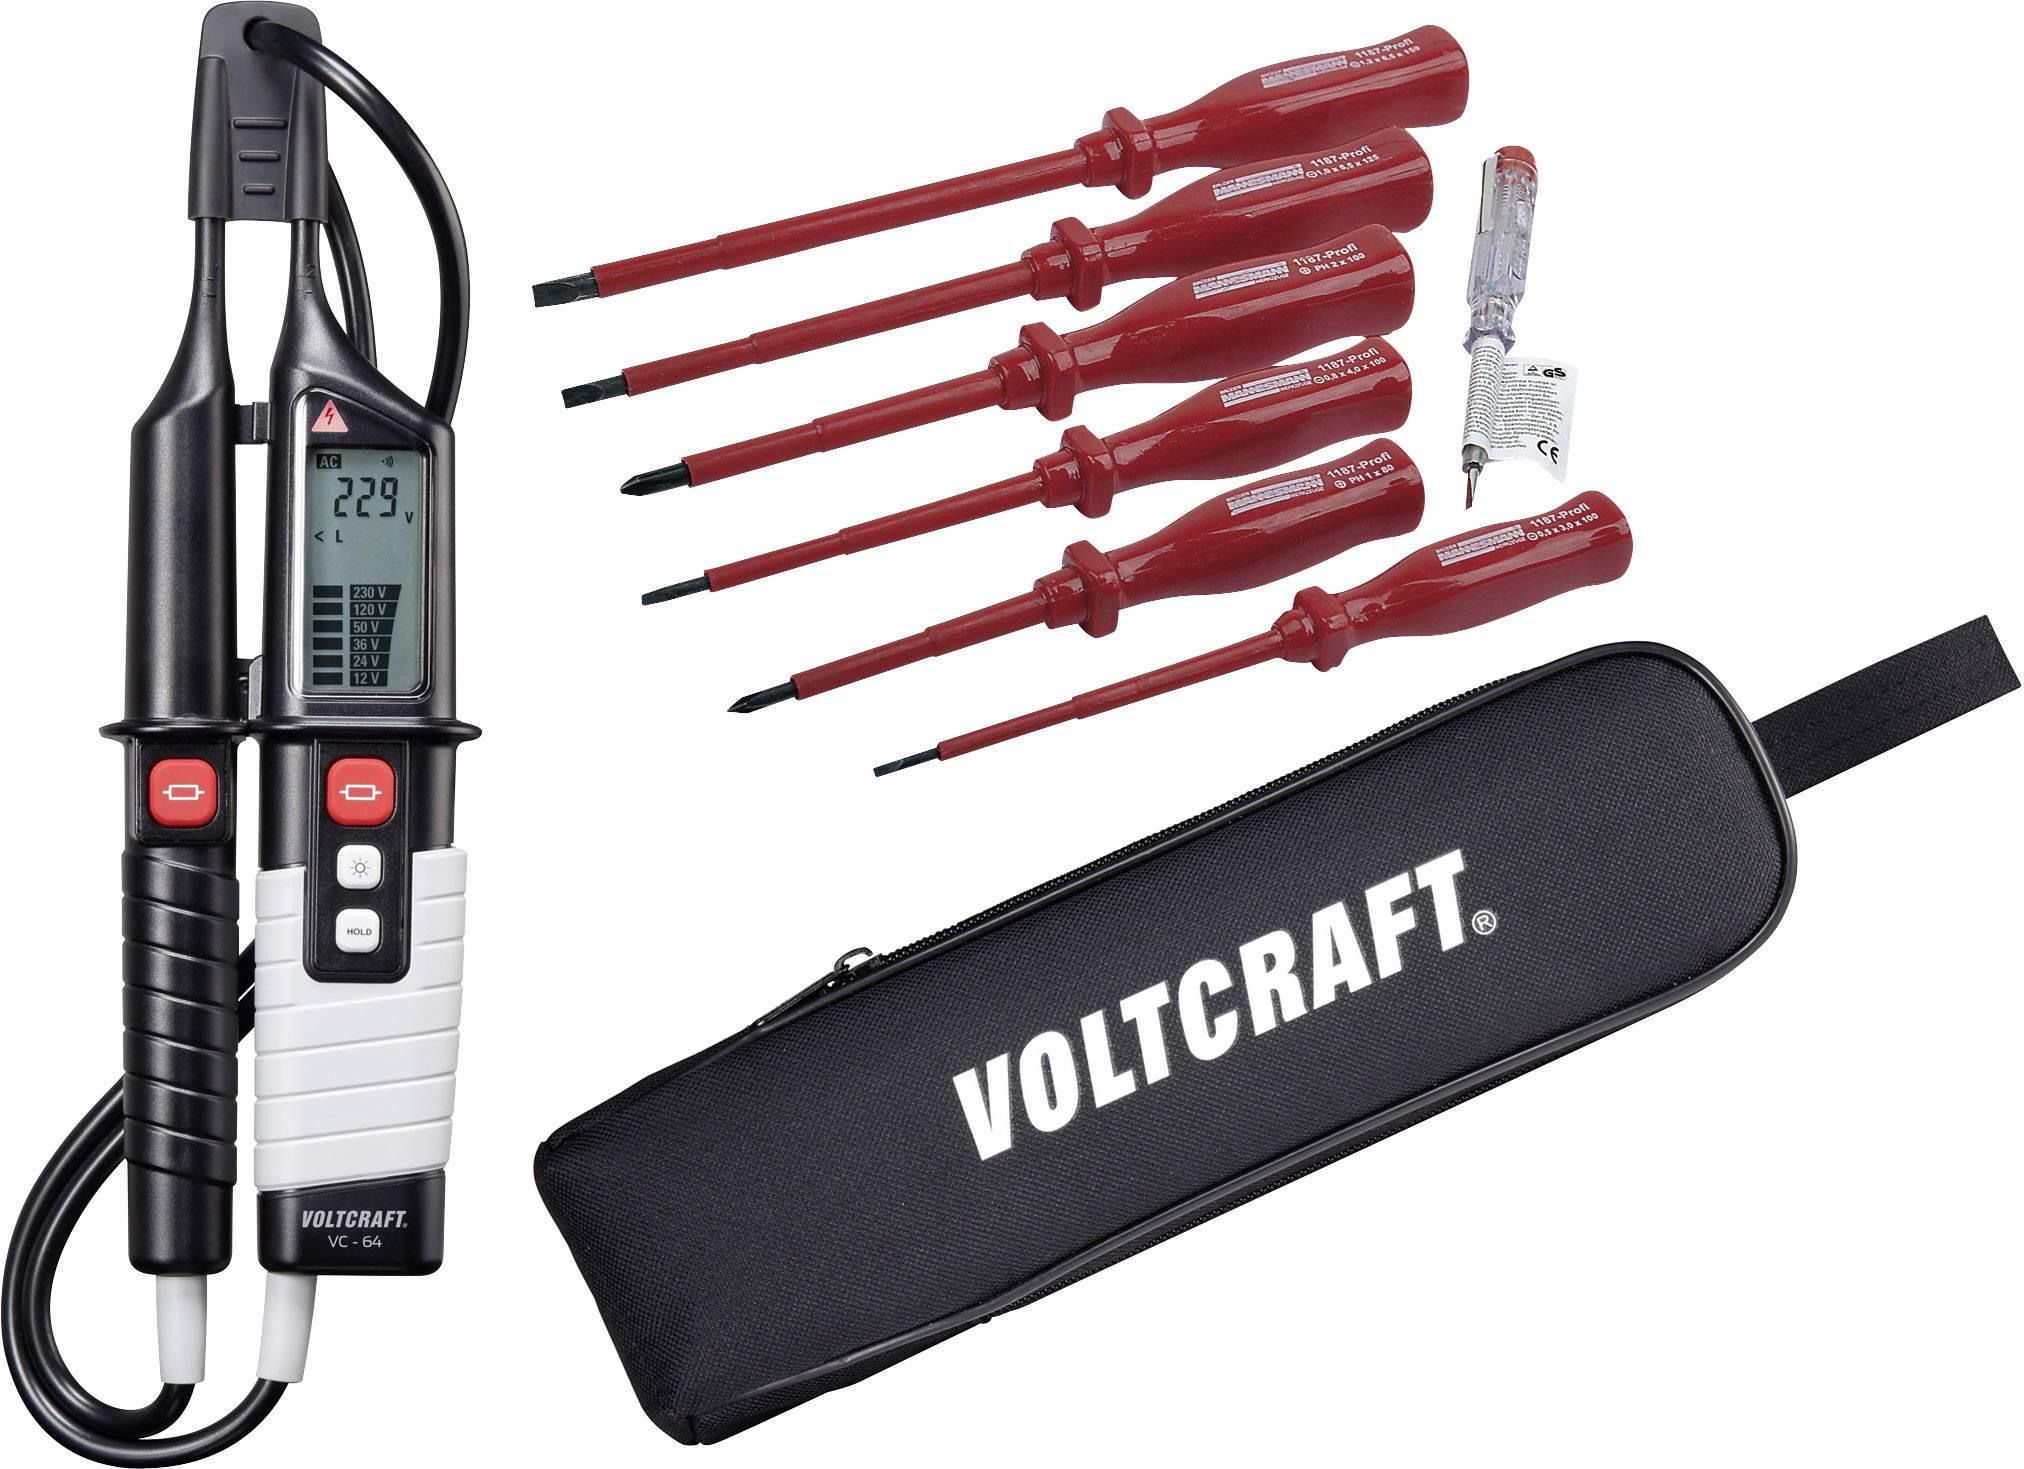 Dvoupólová zkoušečka napětí VOLTCRAFT VC 64 + sada VDE šroubováků + pouzdro Voltcraft